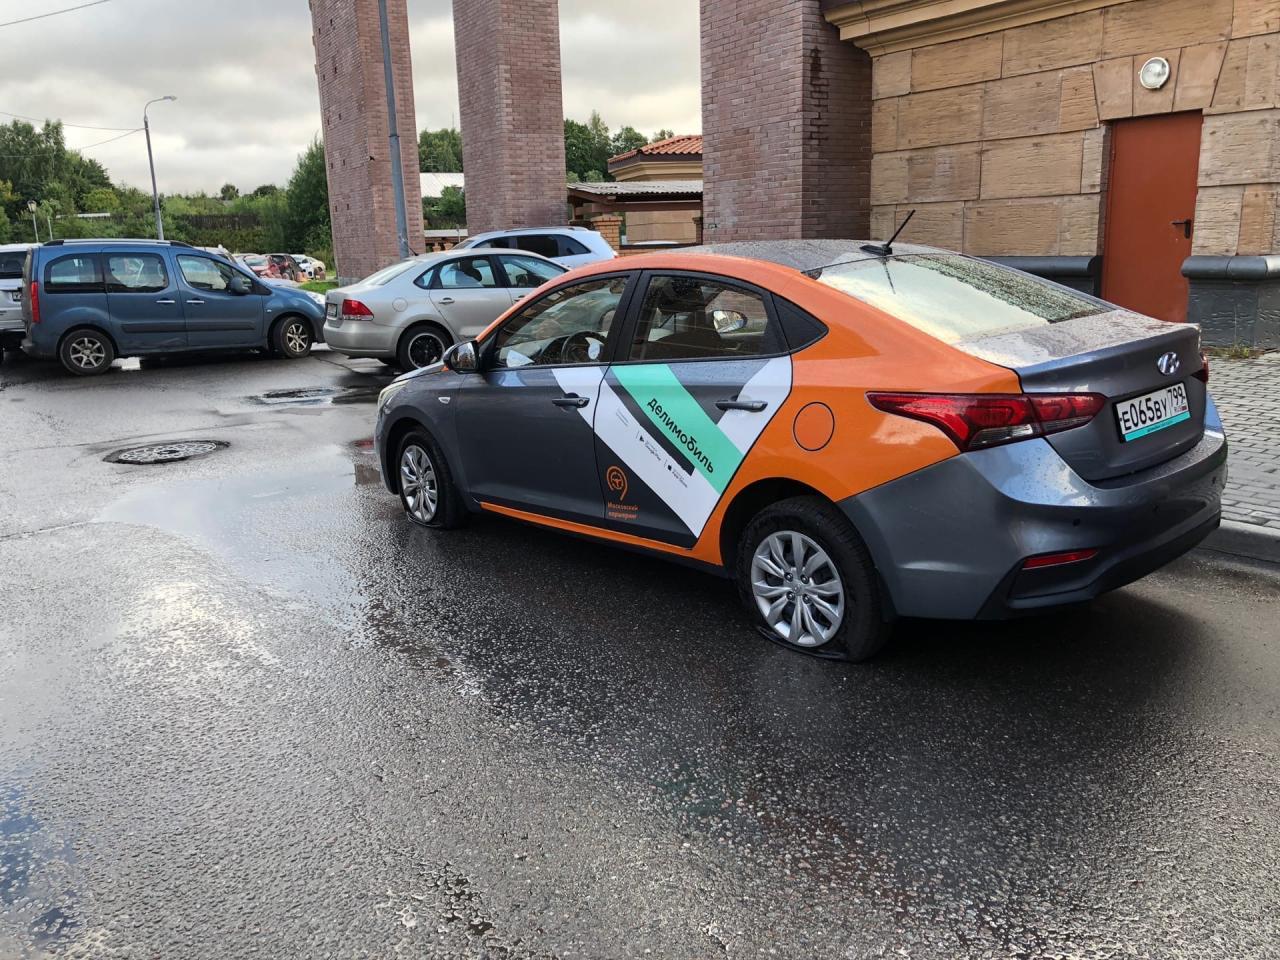 Более 30 каршеринговых автомобилей пострадали за одну ночь в Химках